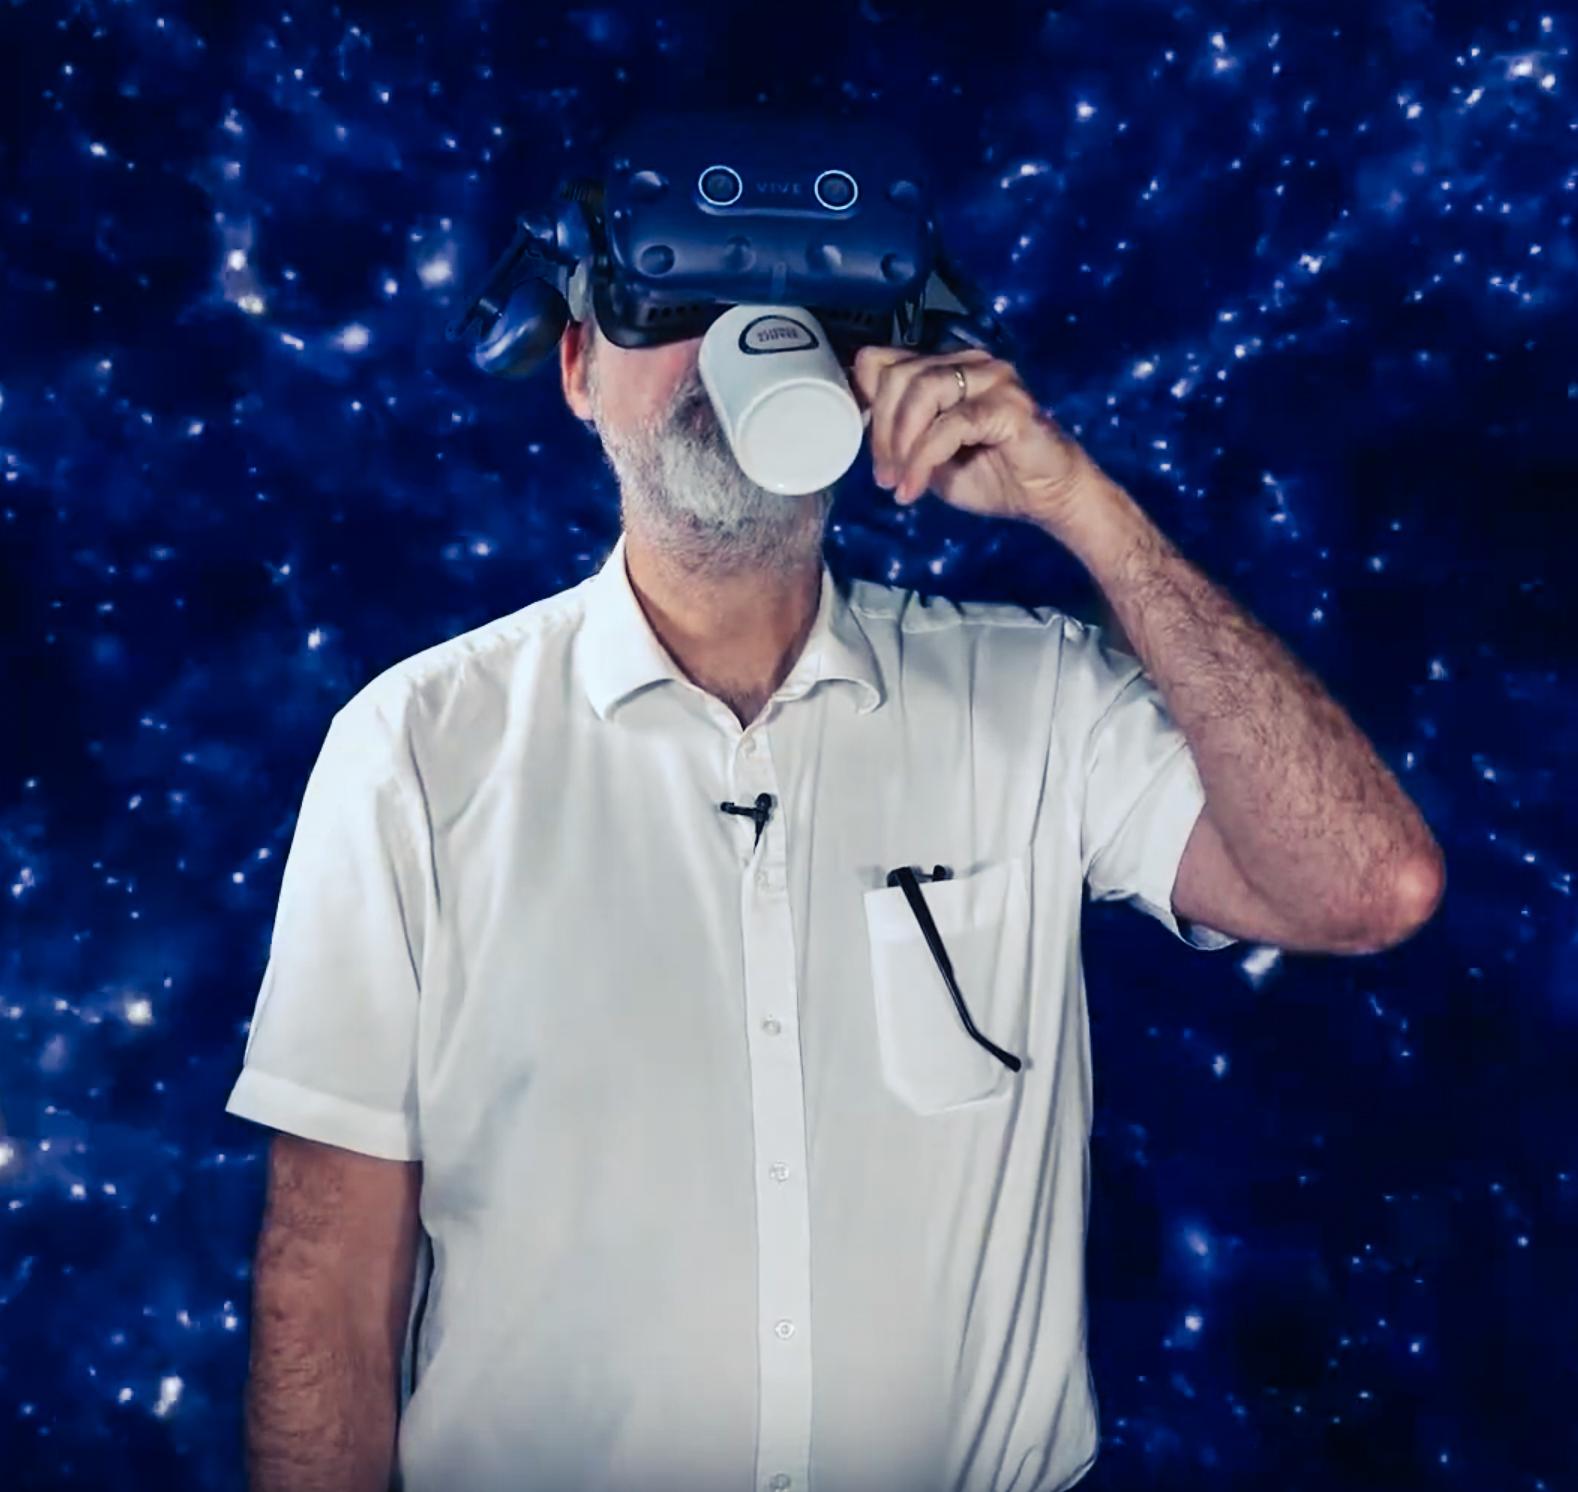 IMC Forscher Michi Reiner mit VR Brille